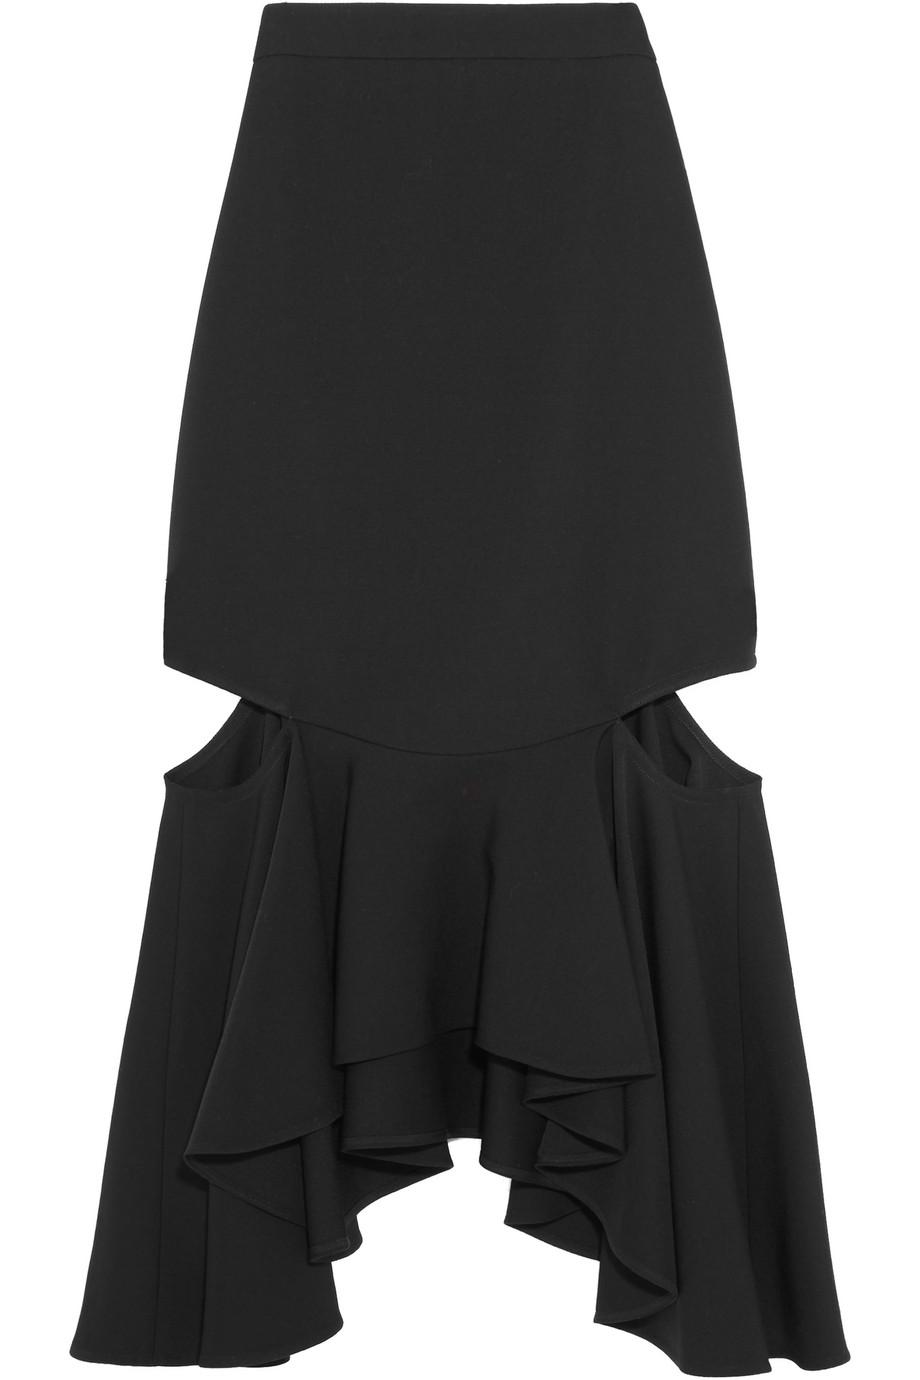 Givenchy Cutout Ruffled Wool Midi Skirt, Black, Women's, Size: 44